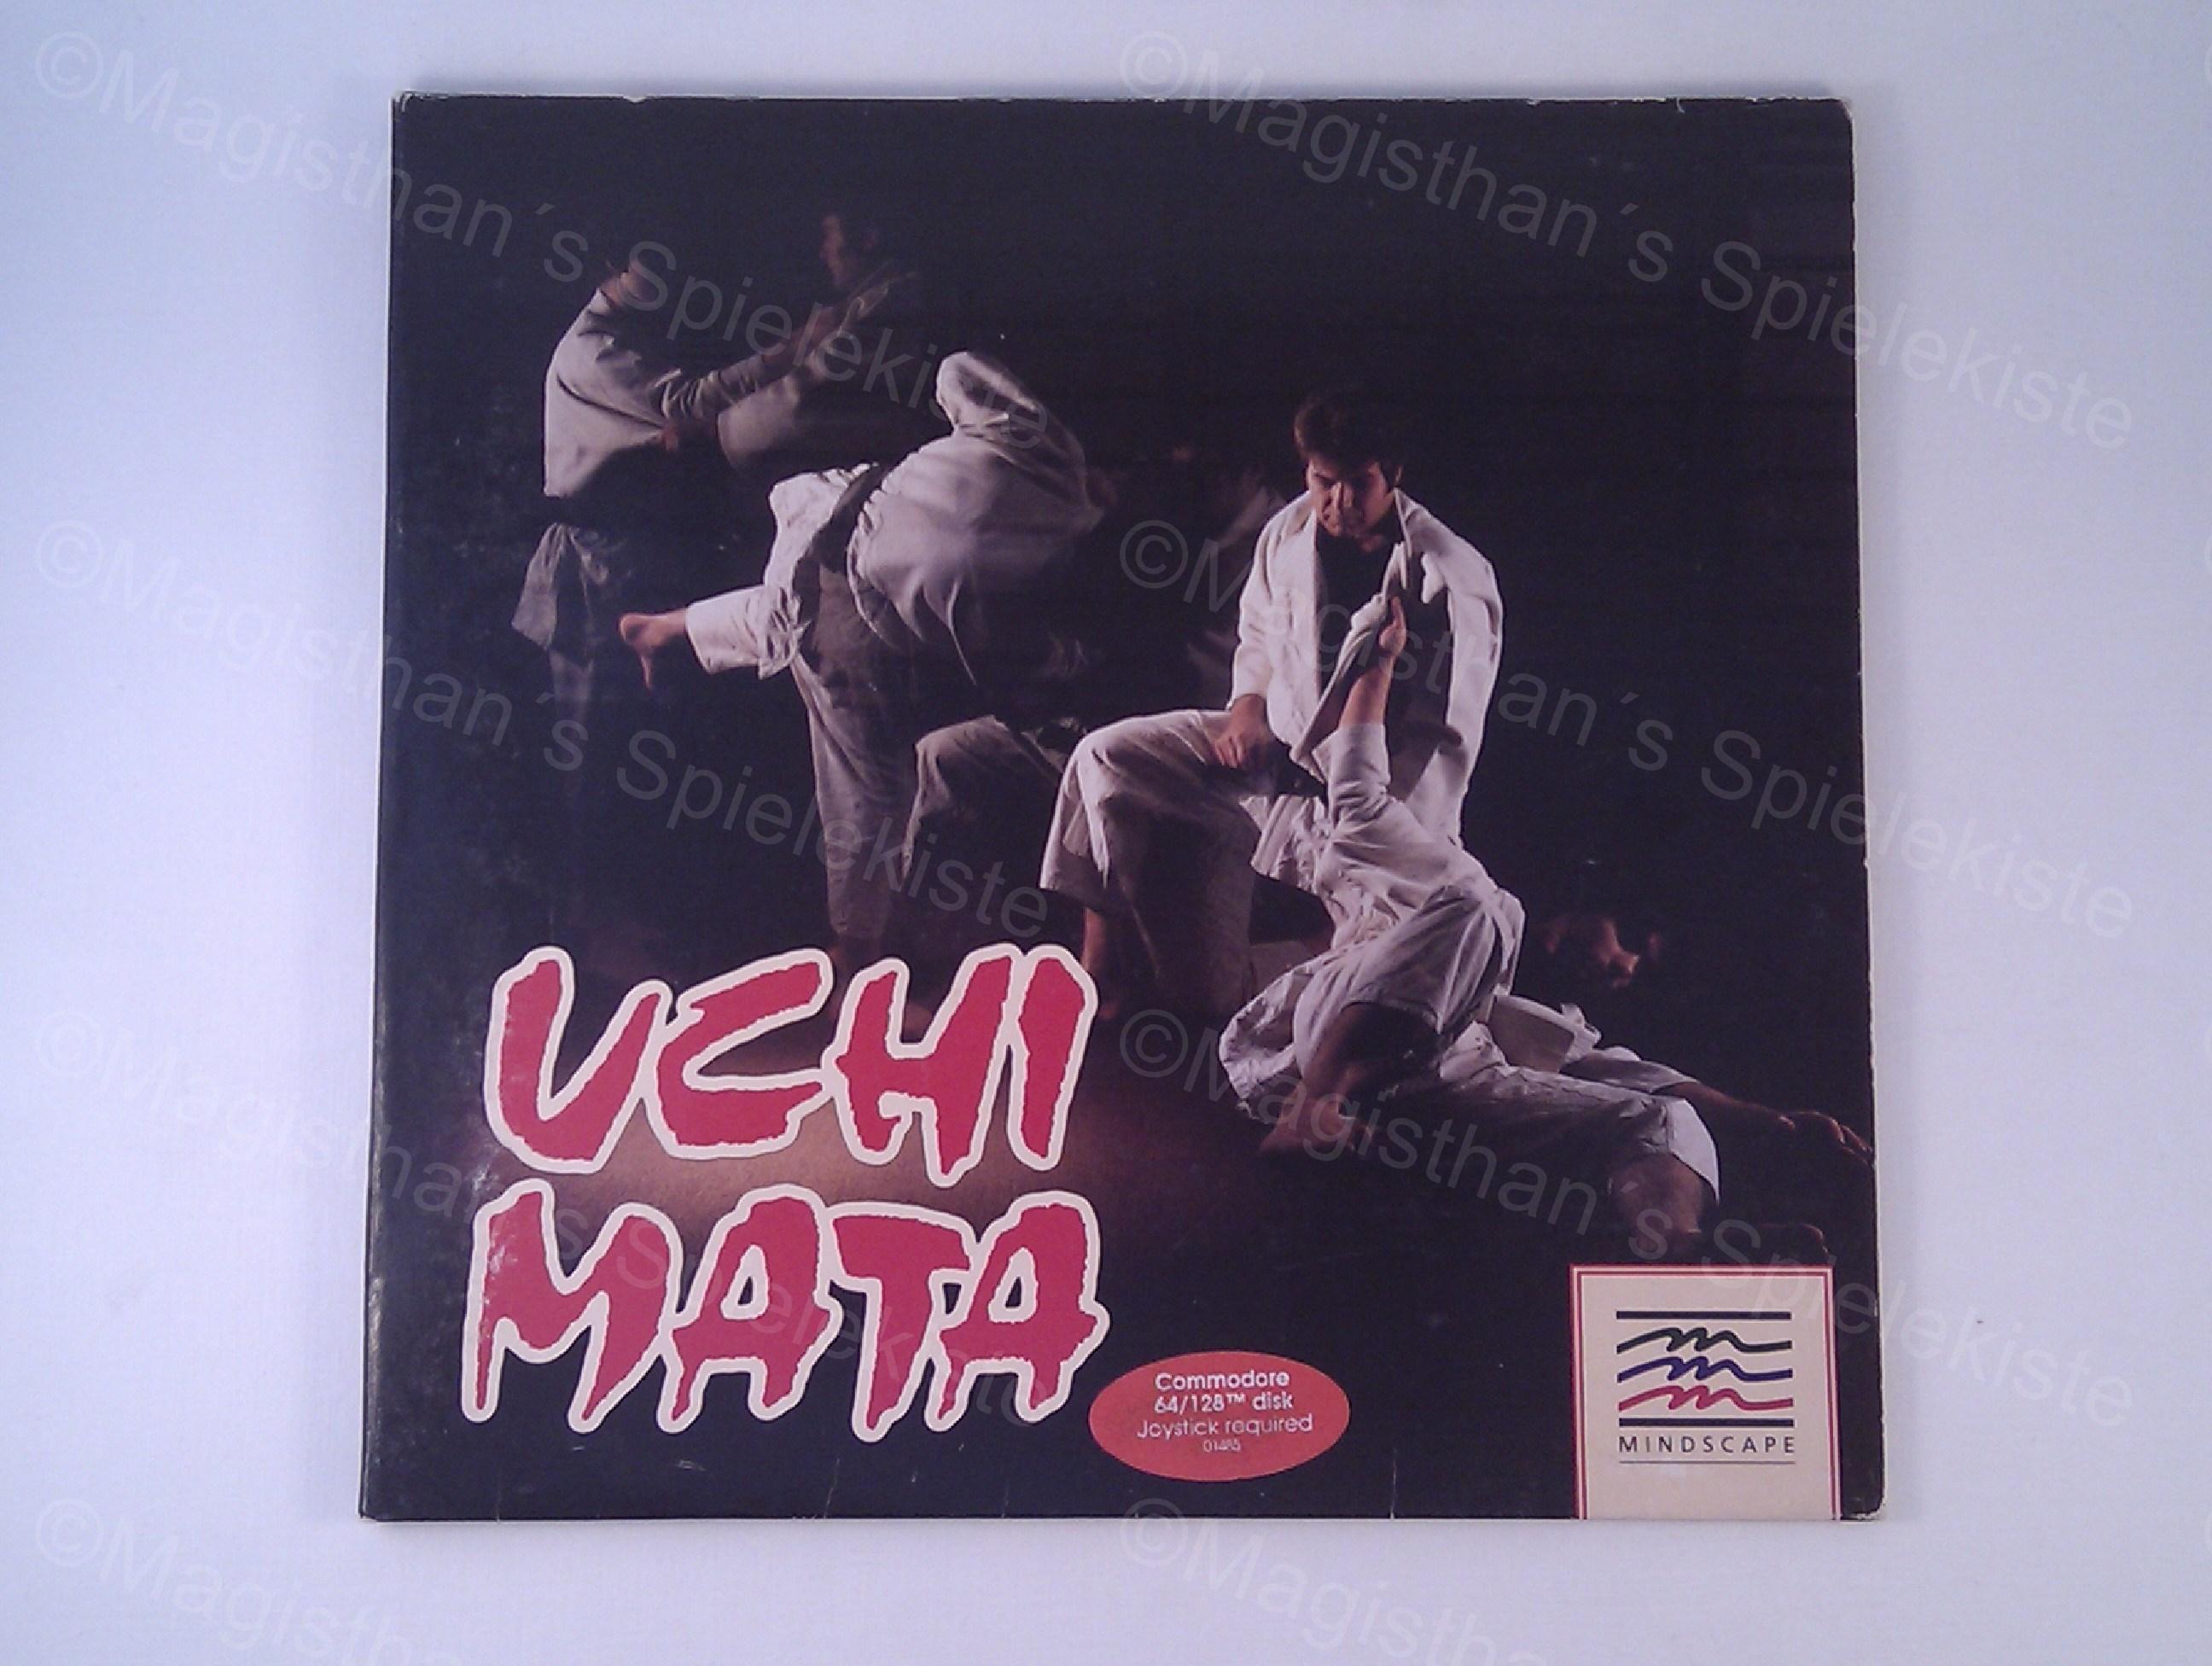 UchiMata1.jpg